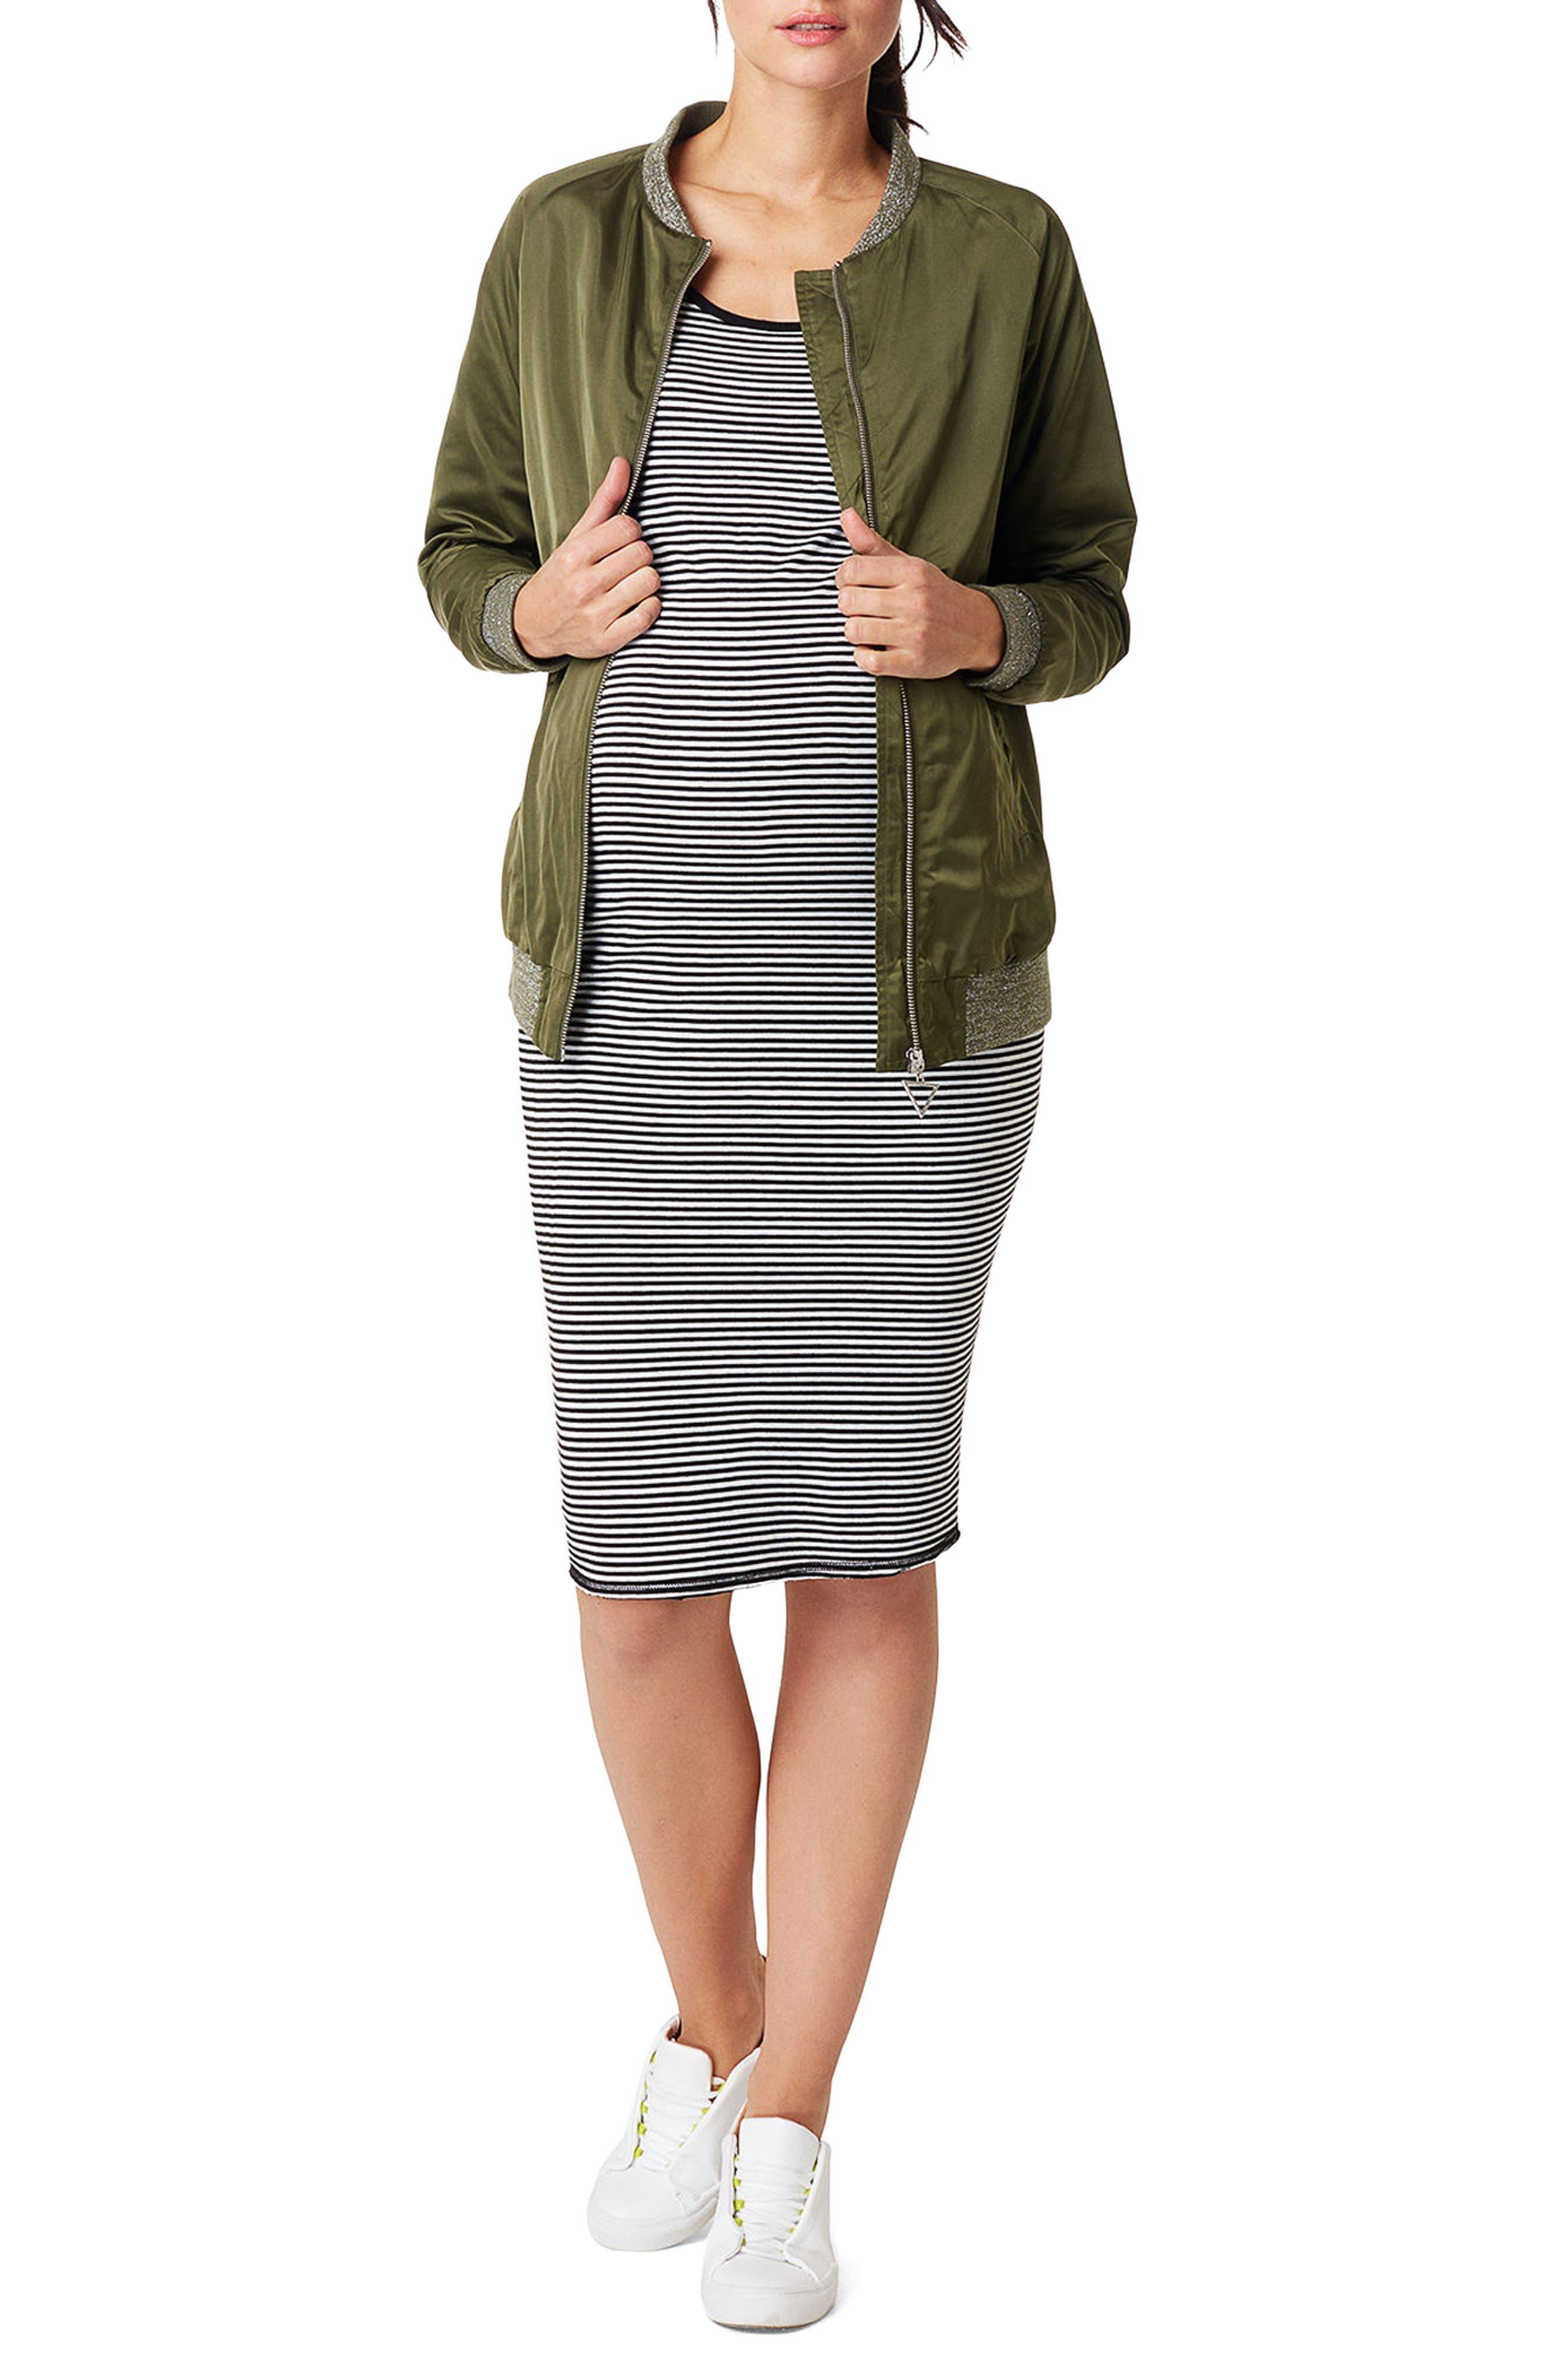 Nora Stripe Maternity Tank Dress,                             Main thumbnail 1, color,                             BLACK